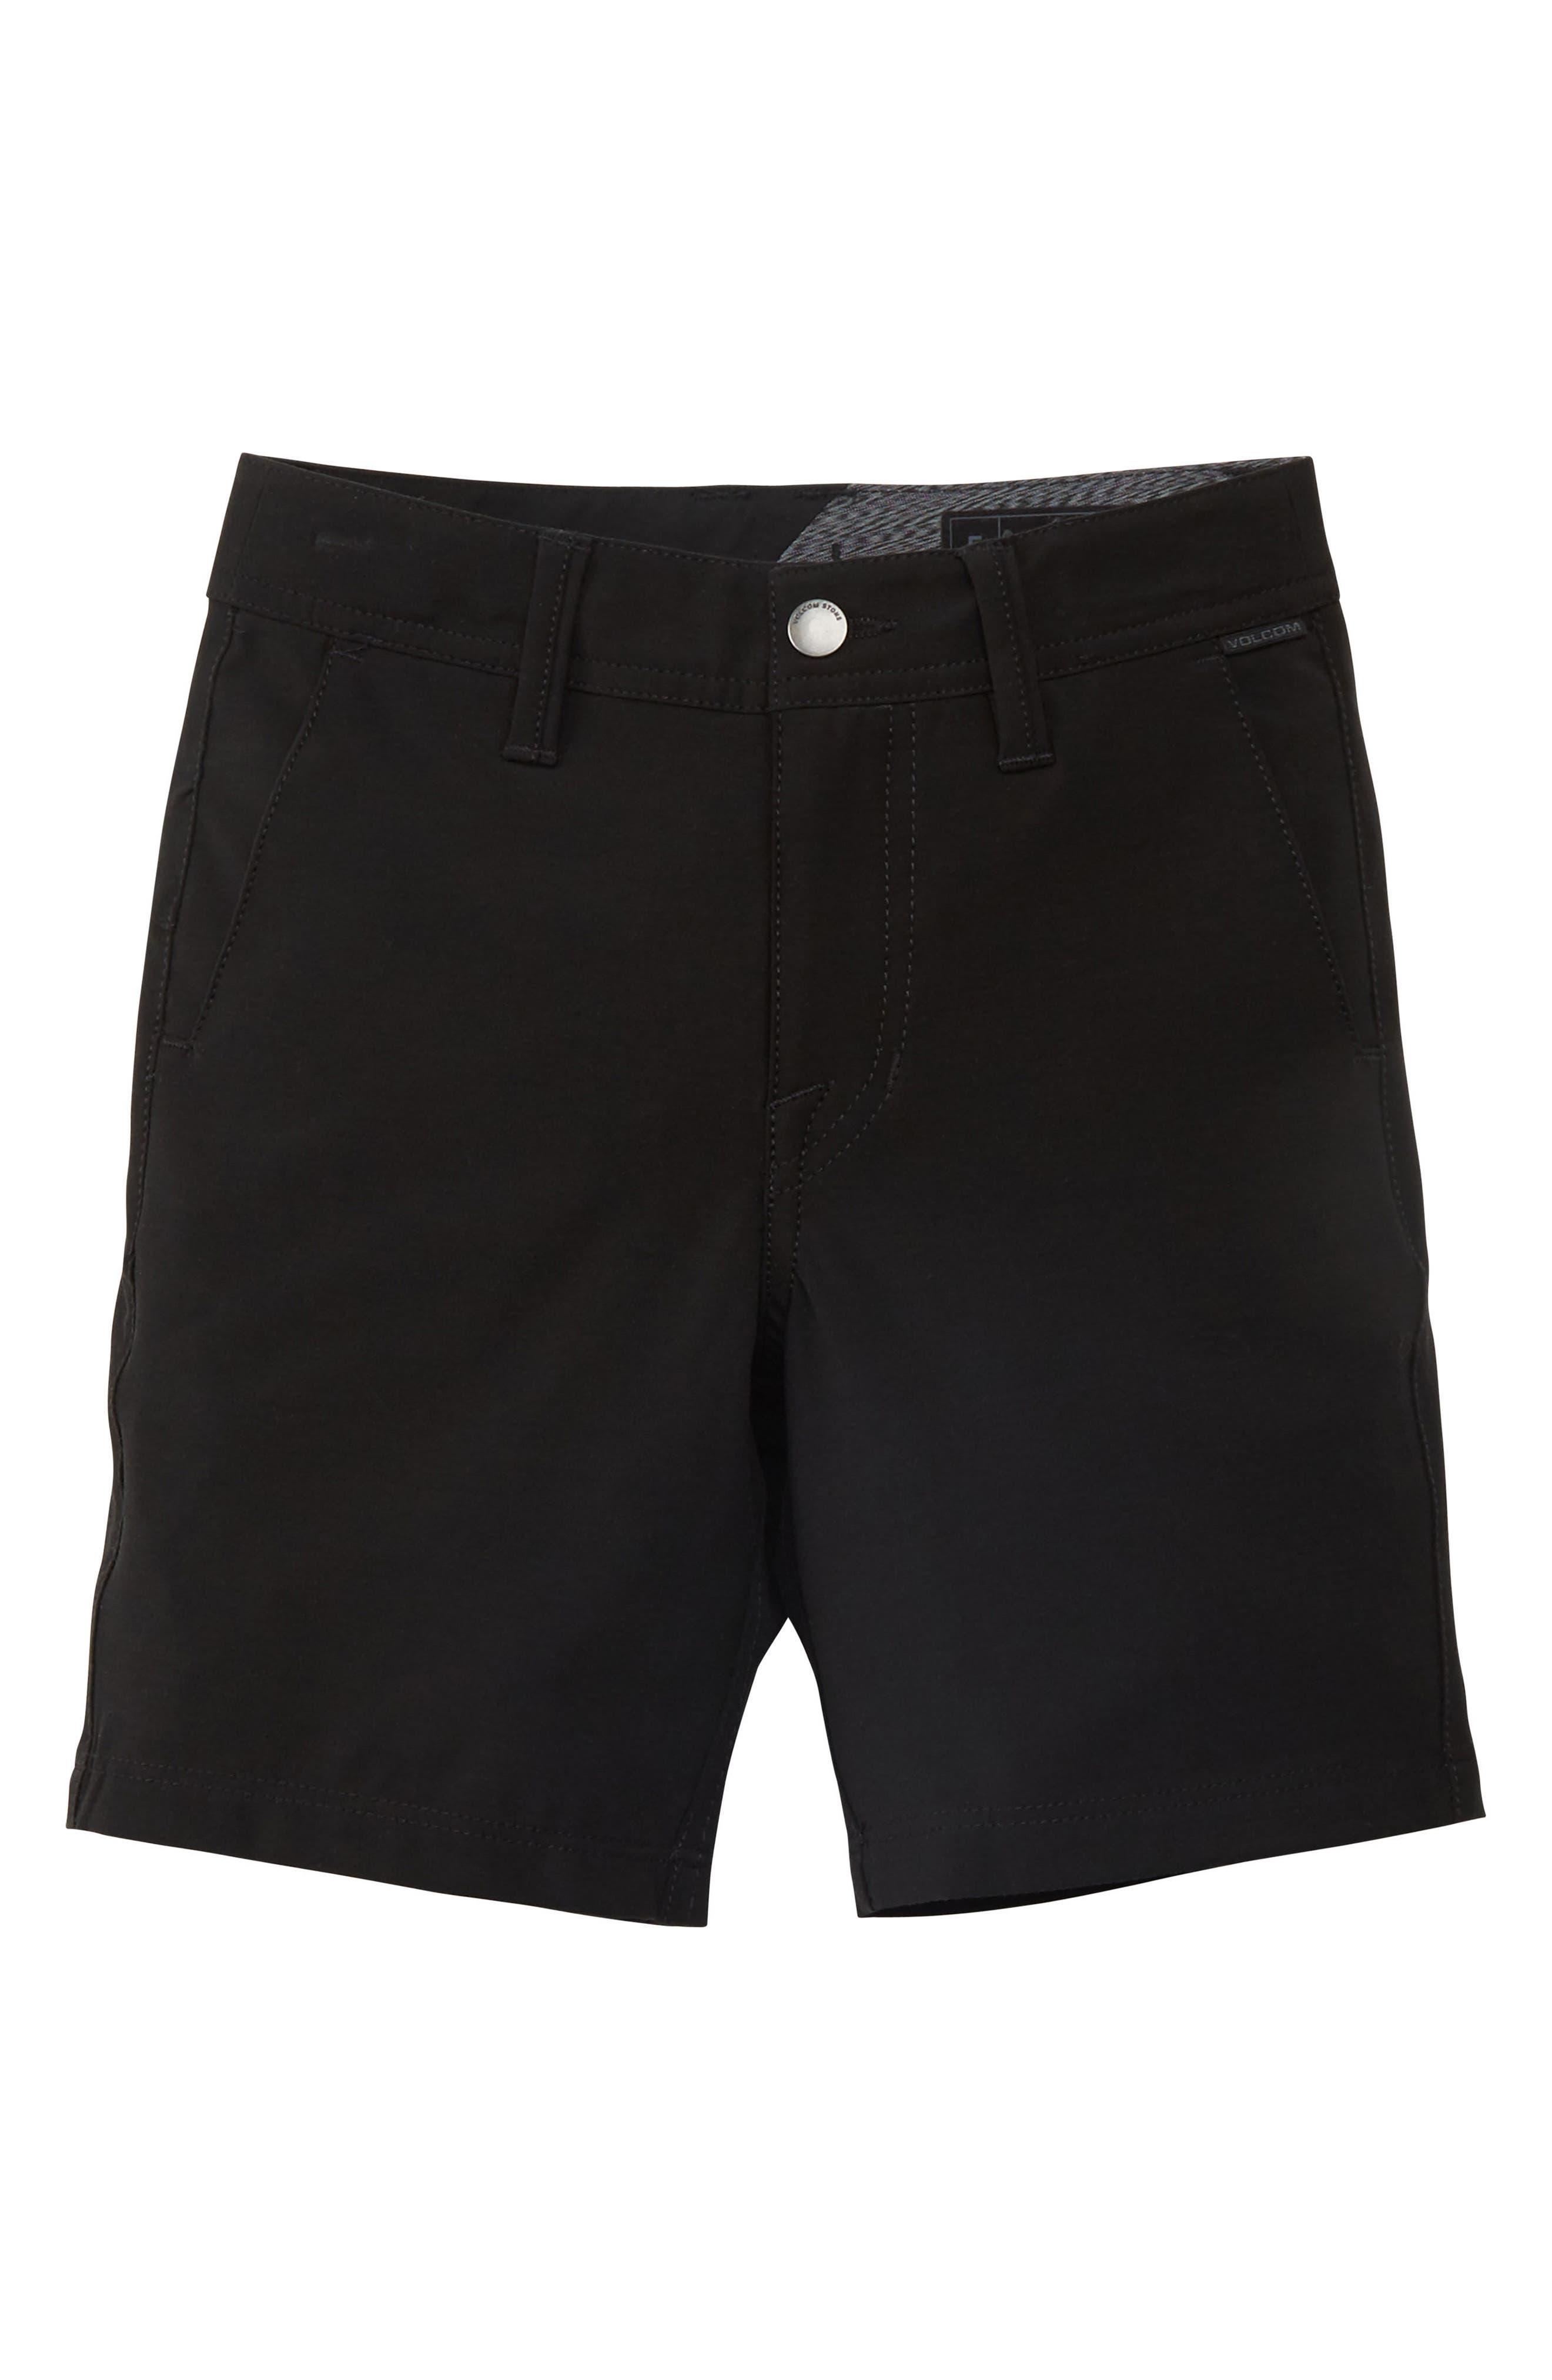 Surf N' Turf Hybrid Shorts,                         Main,                         color,